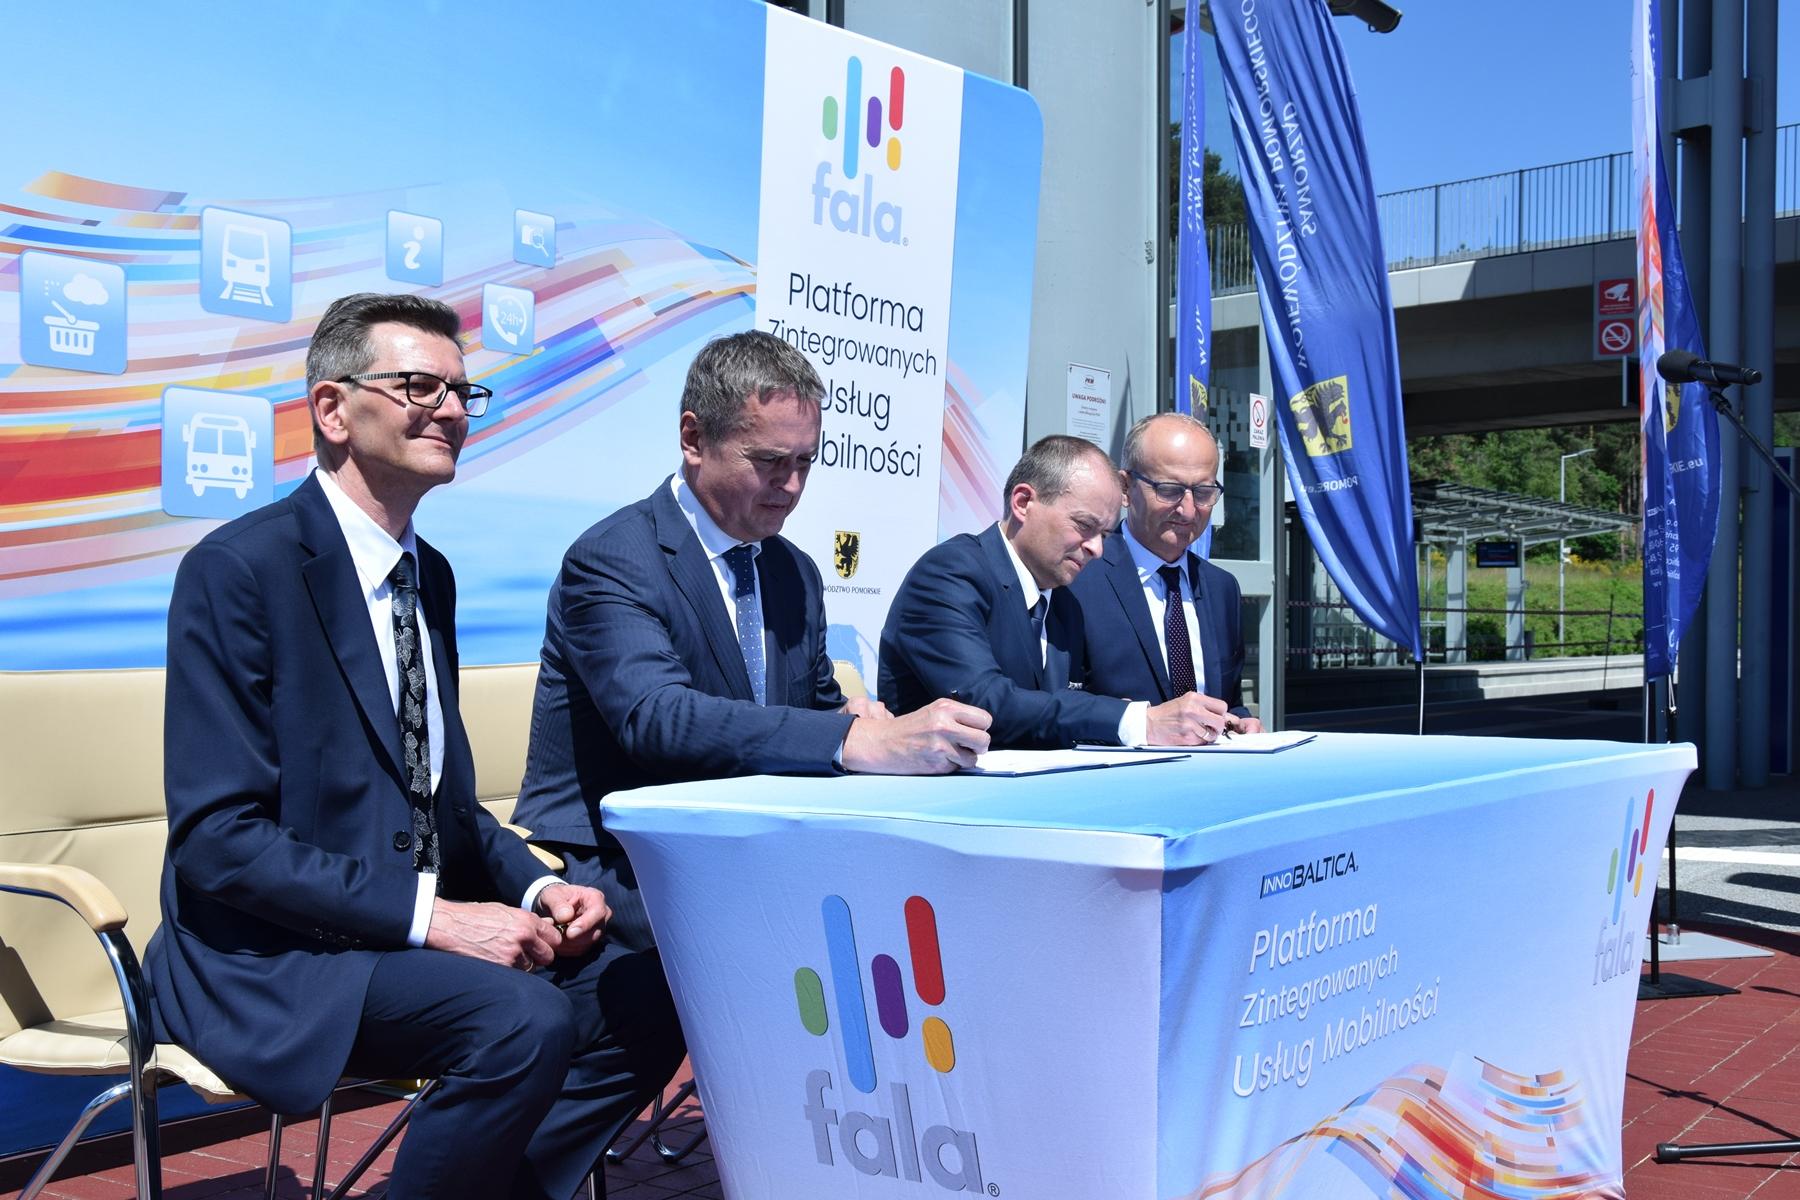 Podpisanie umowy między przedstawicielami spółki InnoBaltica oraz konsorcjum Asseco Data Systems i AEP Ticketing Solutions